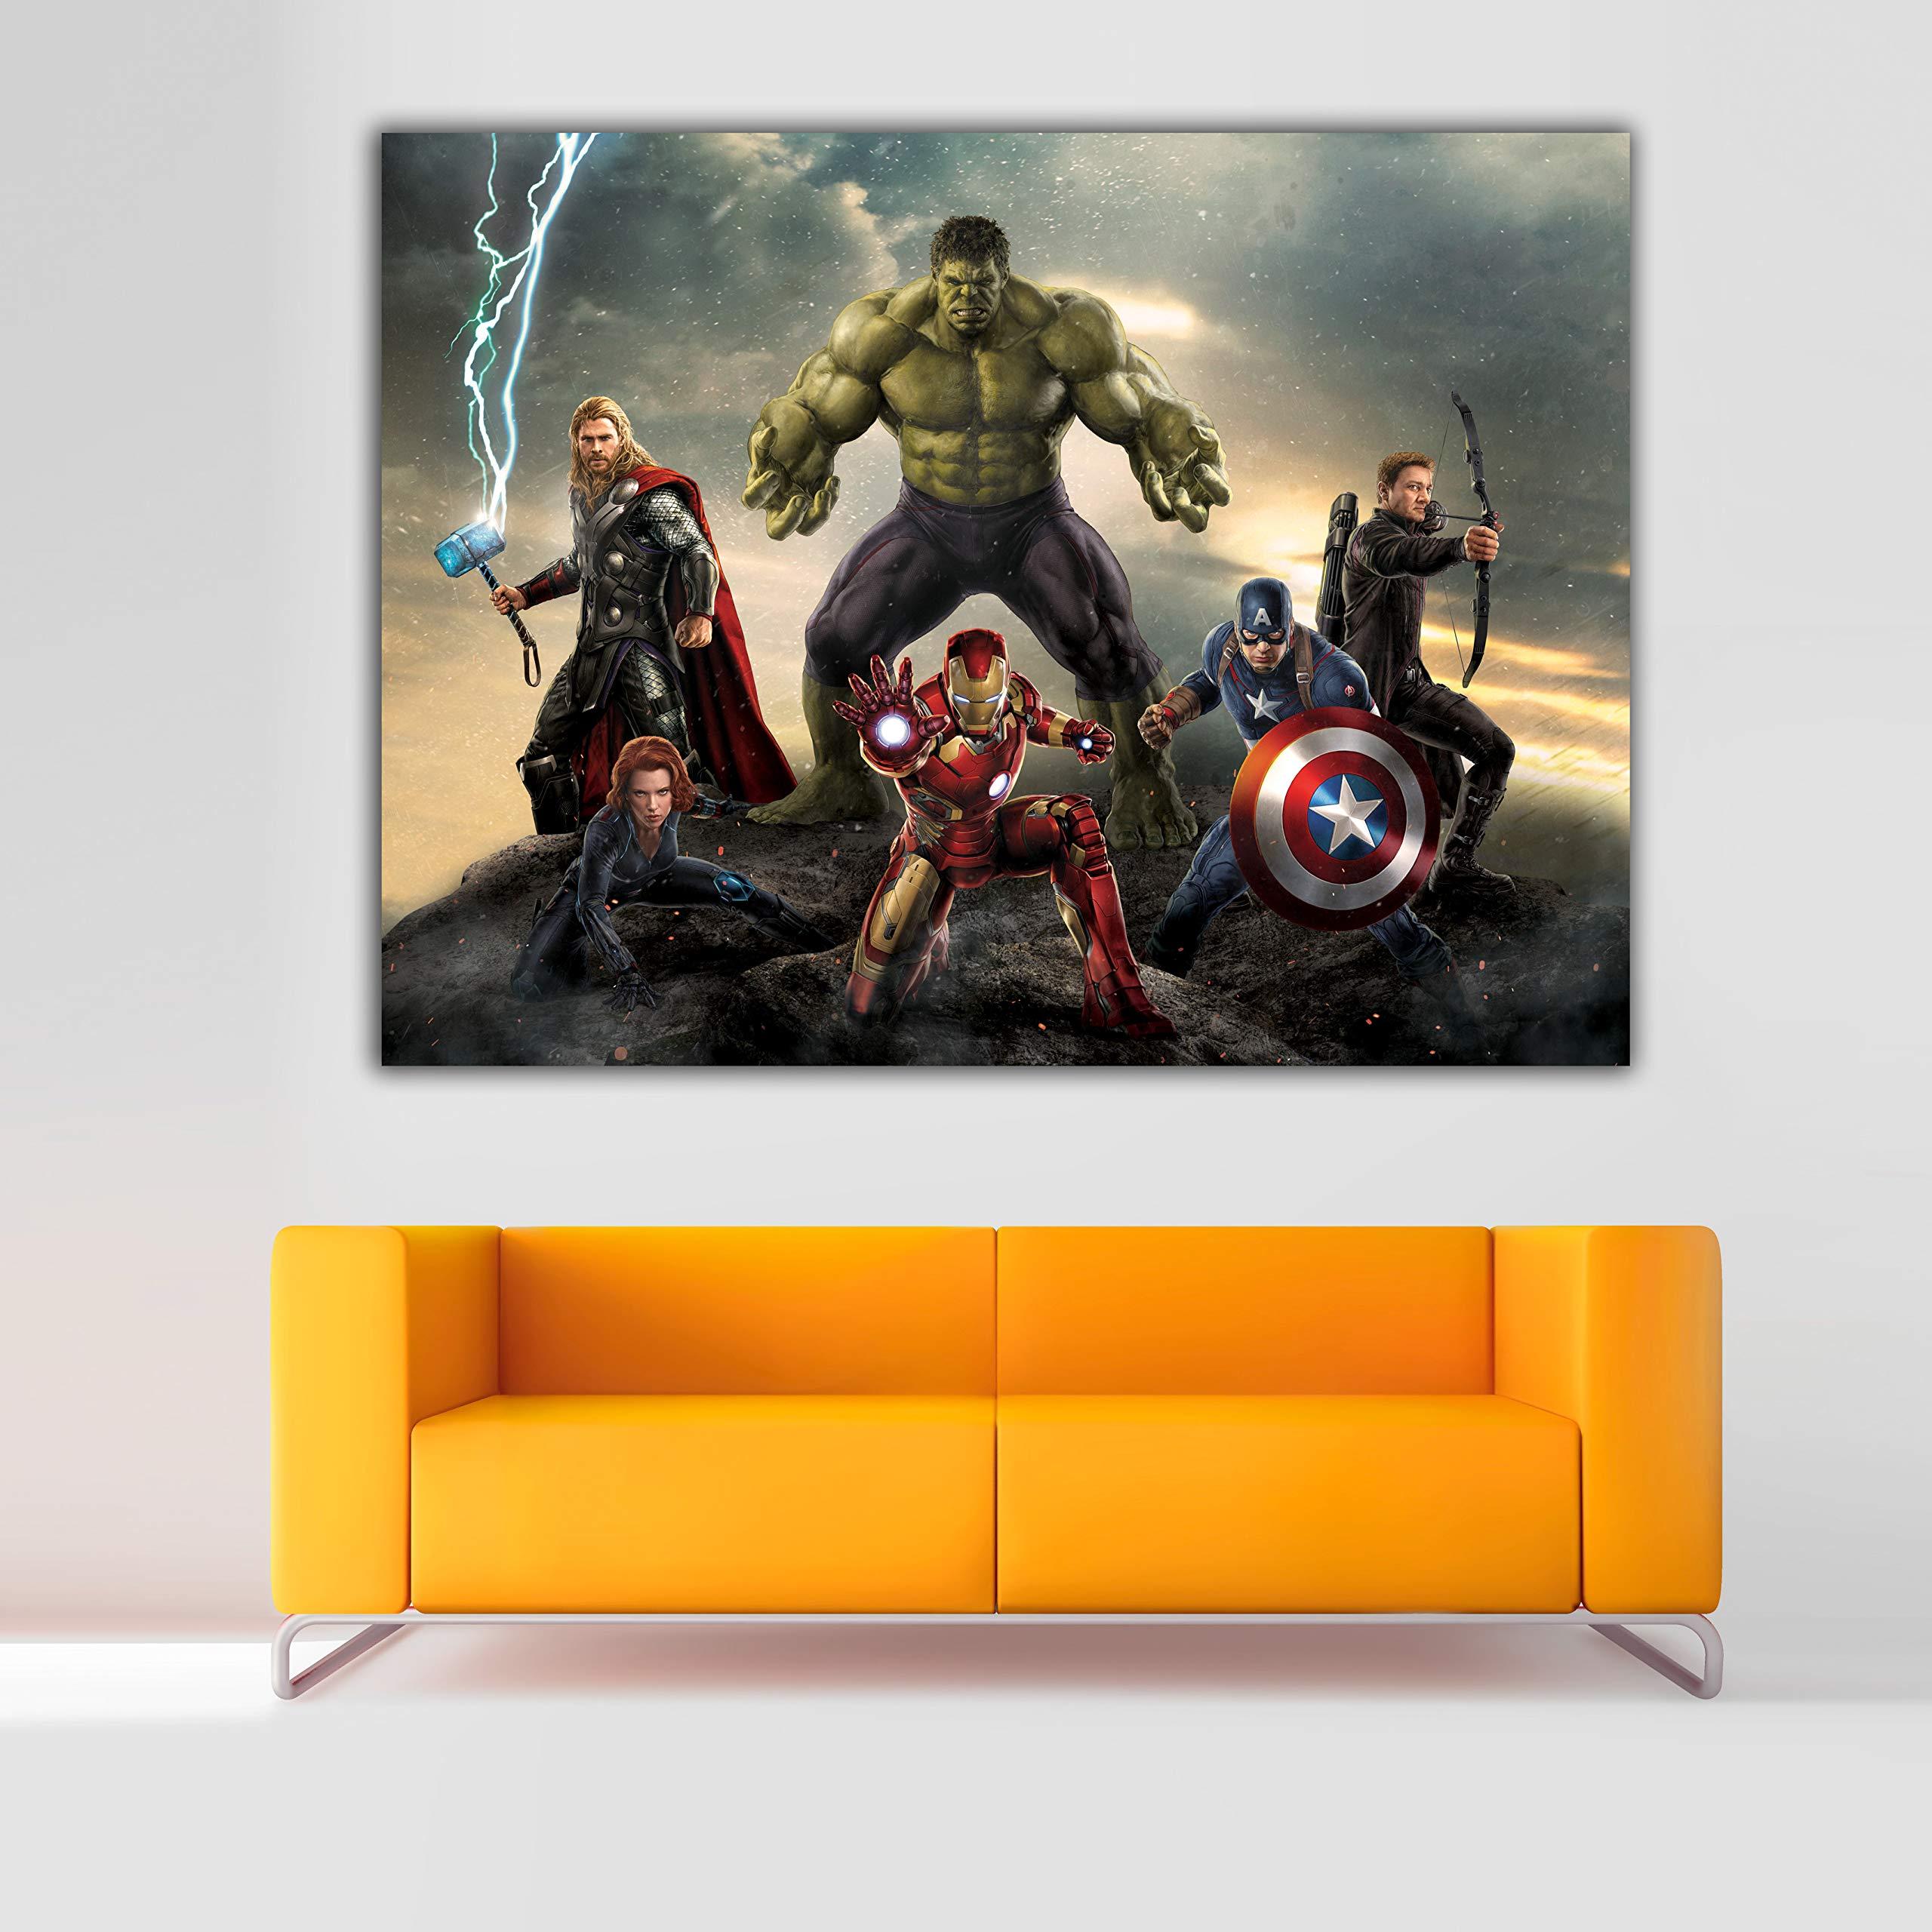 Cuadro Lienzo Superheroes Marvel Avengers Vengadores – 59x80 cm - Lienzo de Tela Bastidor de Madera de 3 cm - Fabricado en España - Impresión en Alta resolución: Amazon.es: Hogar